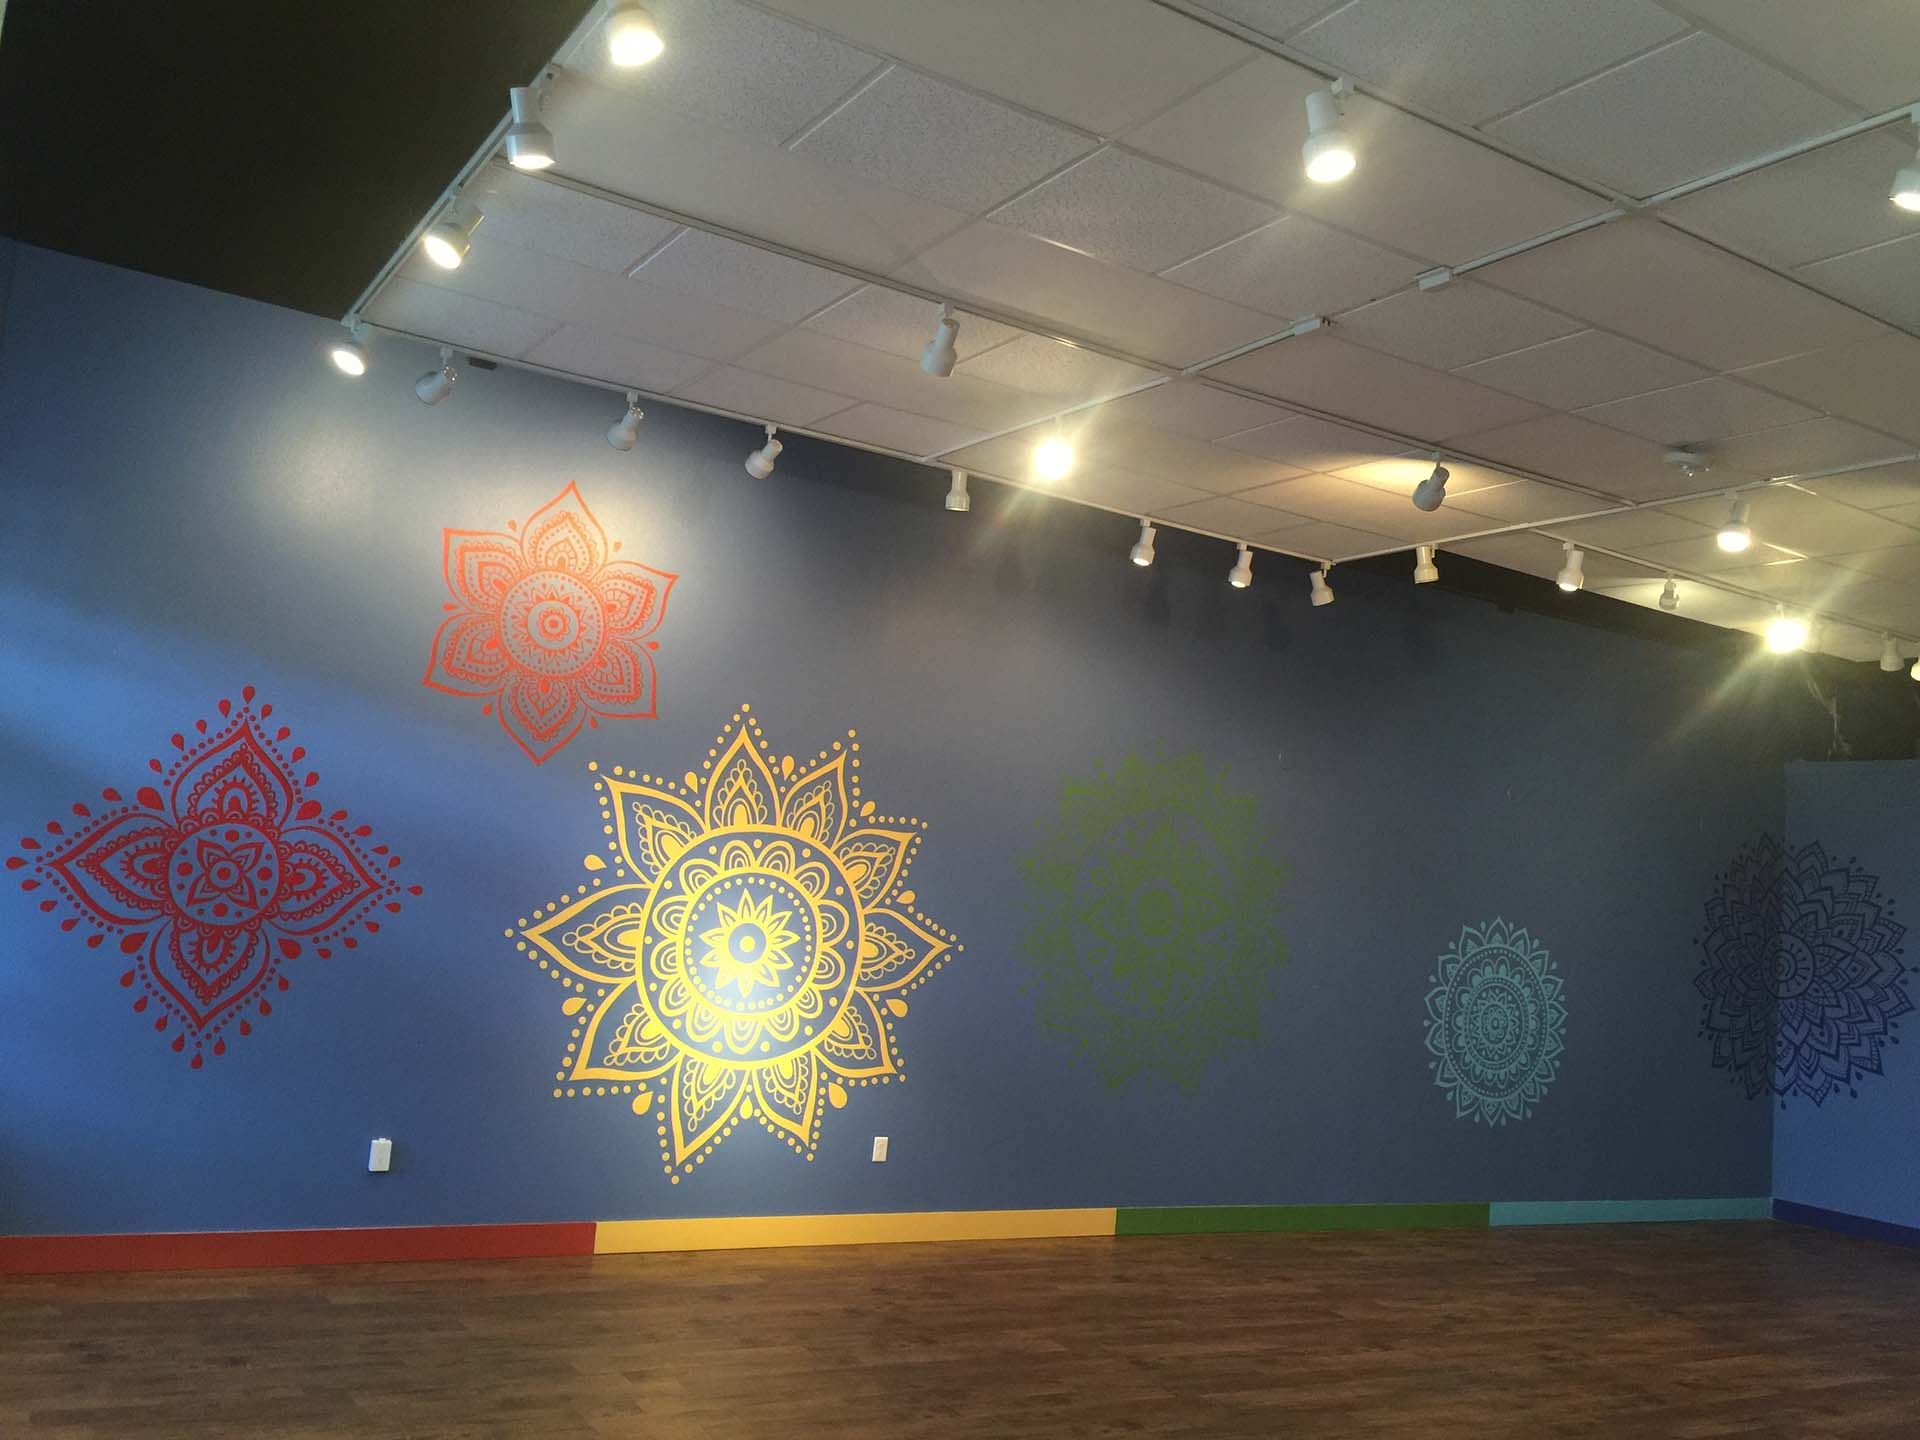 yoga mural - chakra mural - custom mural - mural - Dace Kidd - Mural Artist Tx